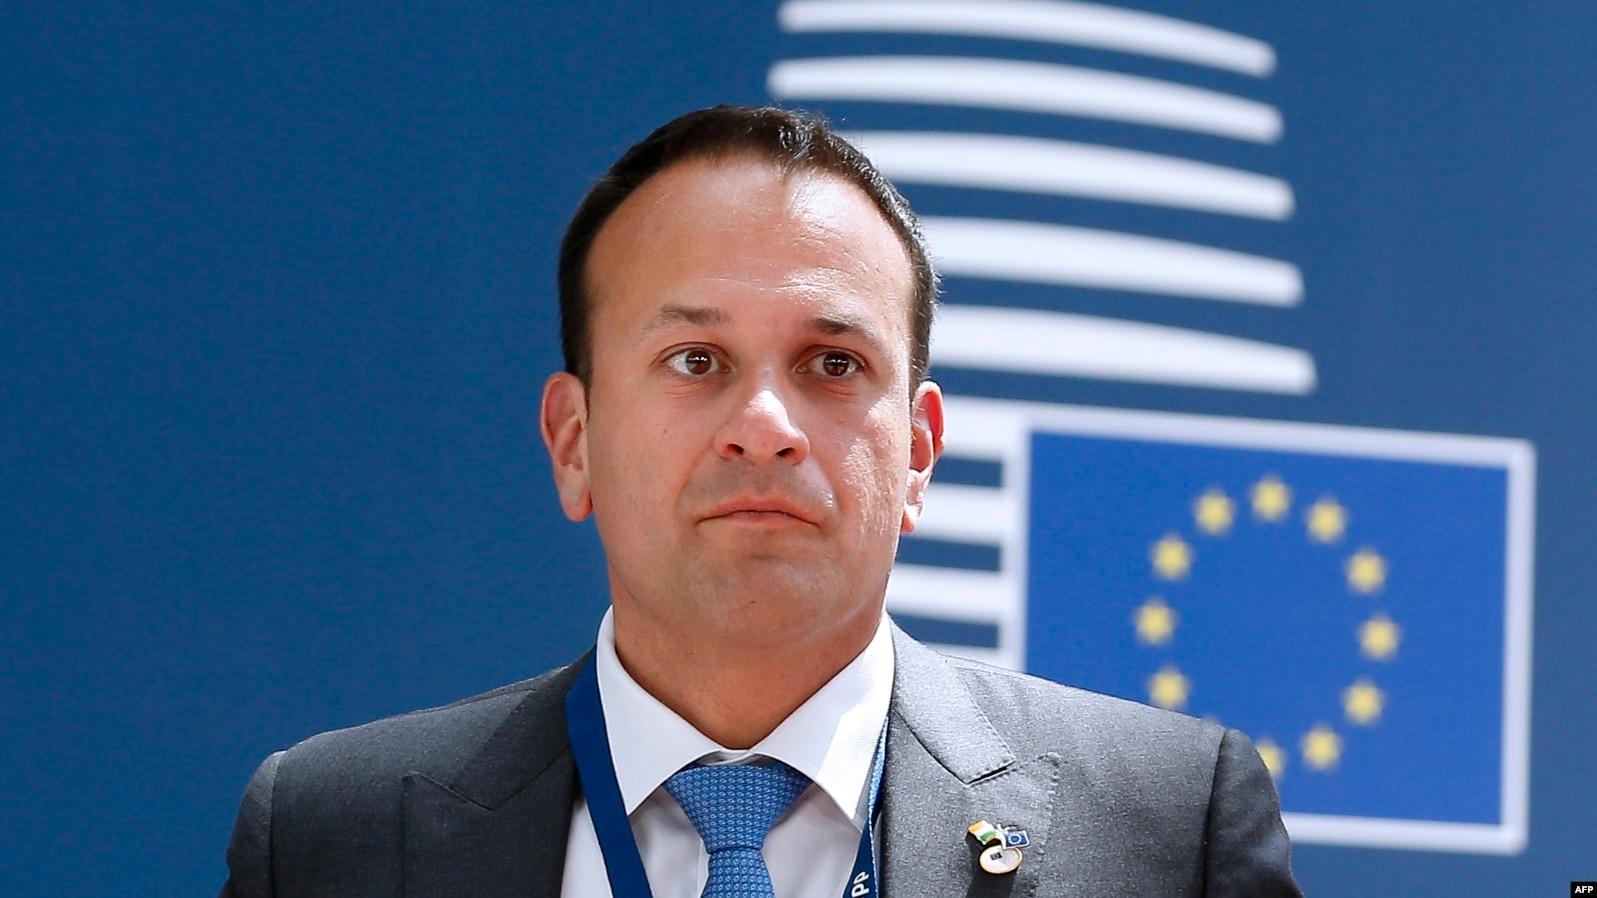 Премьер Ирландии призвал уважать Трампа вопреки антипатиям к нему